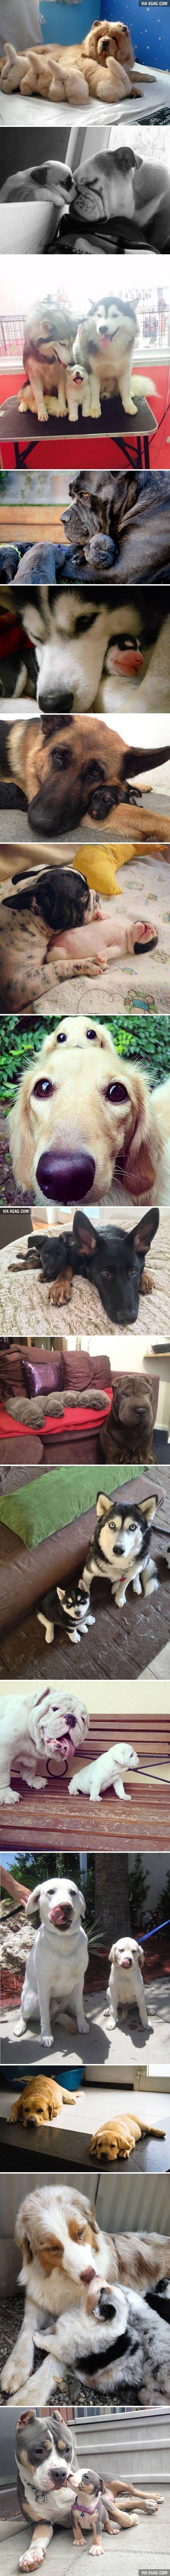 Fotos De Cães Com Seus Filhotes